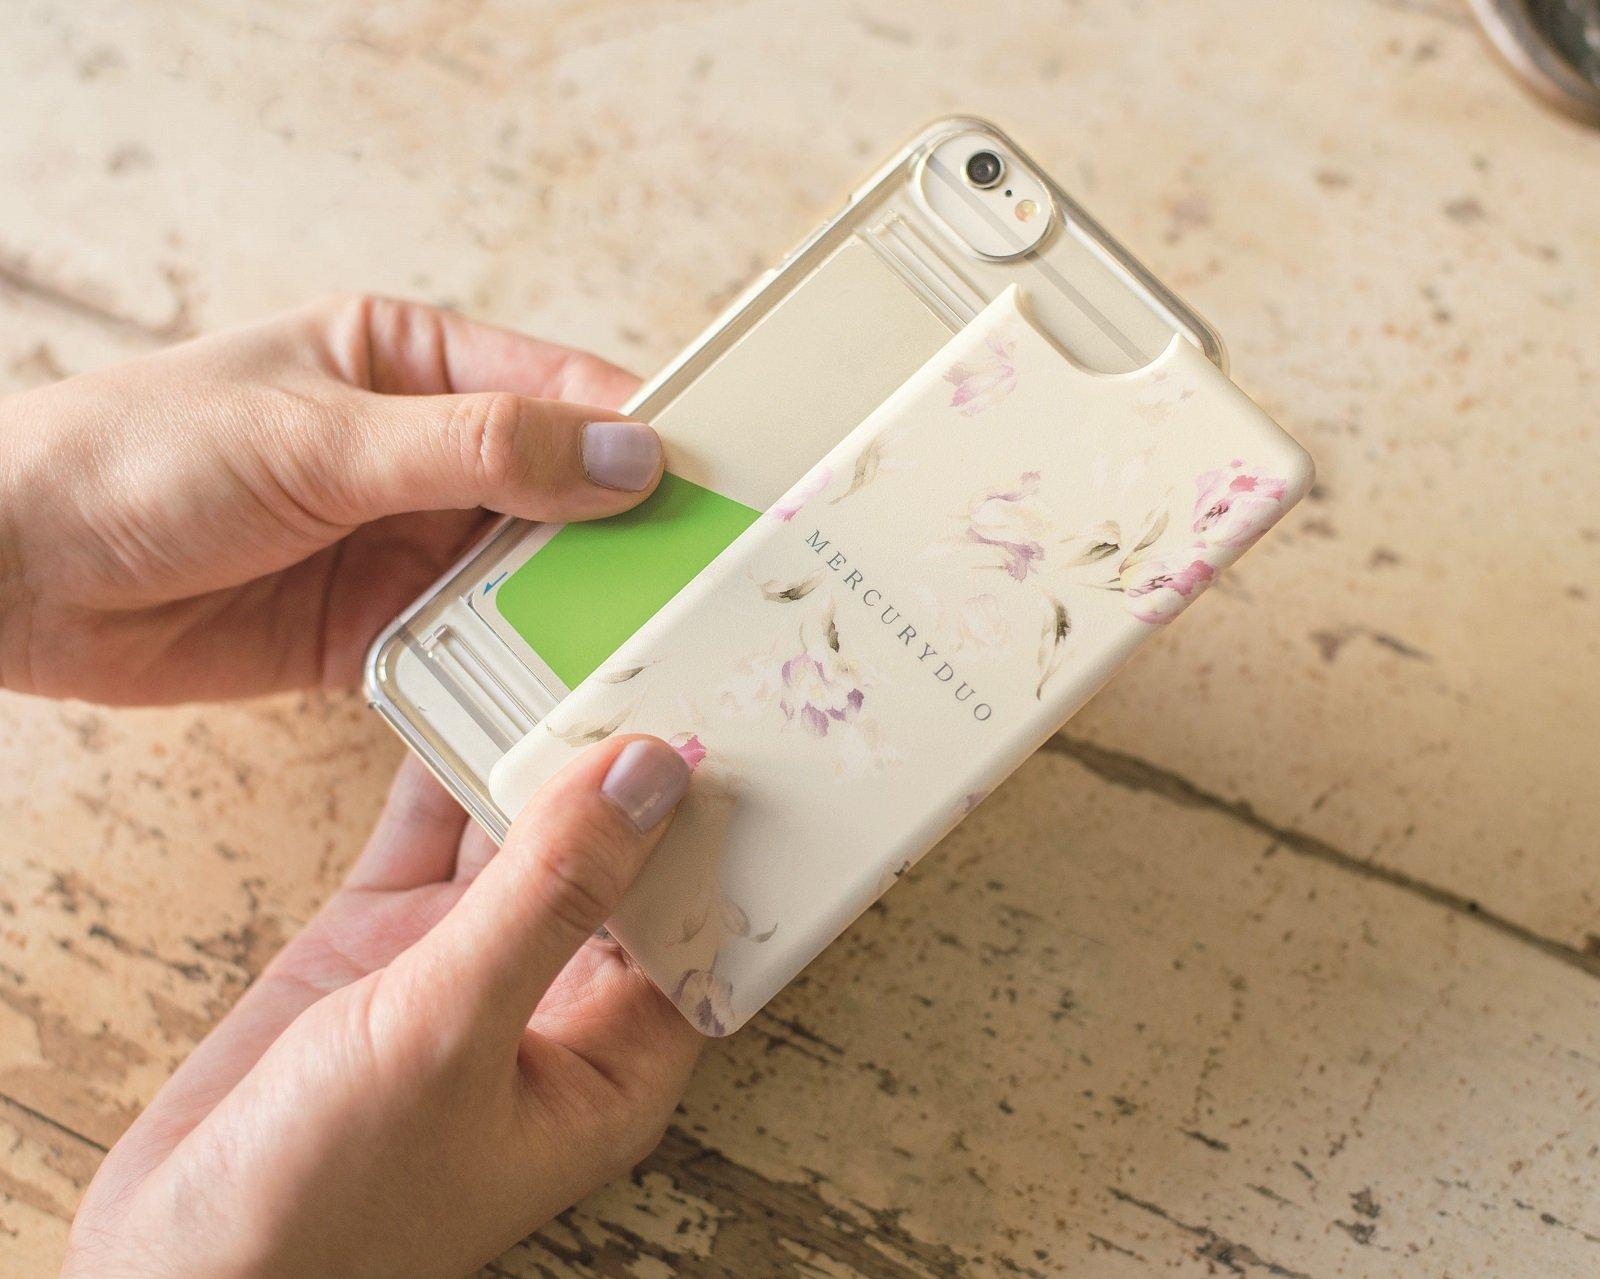 アマゾンでMERCURYDUO チューリップ スマートフォンケースBOOK 大人の女性向けiPhone6/7を買うと付録で雑誌が付いてくる。1/16~。